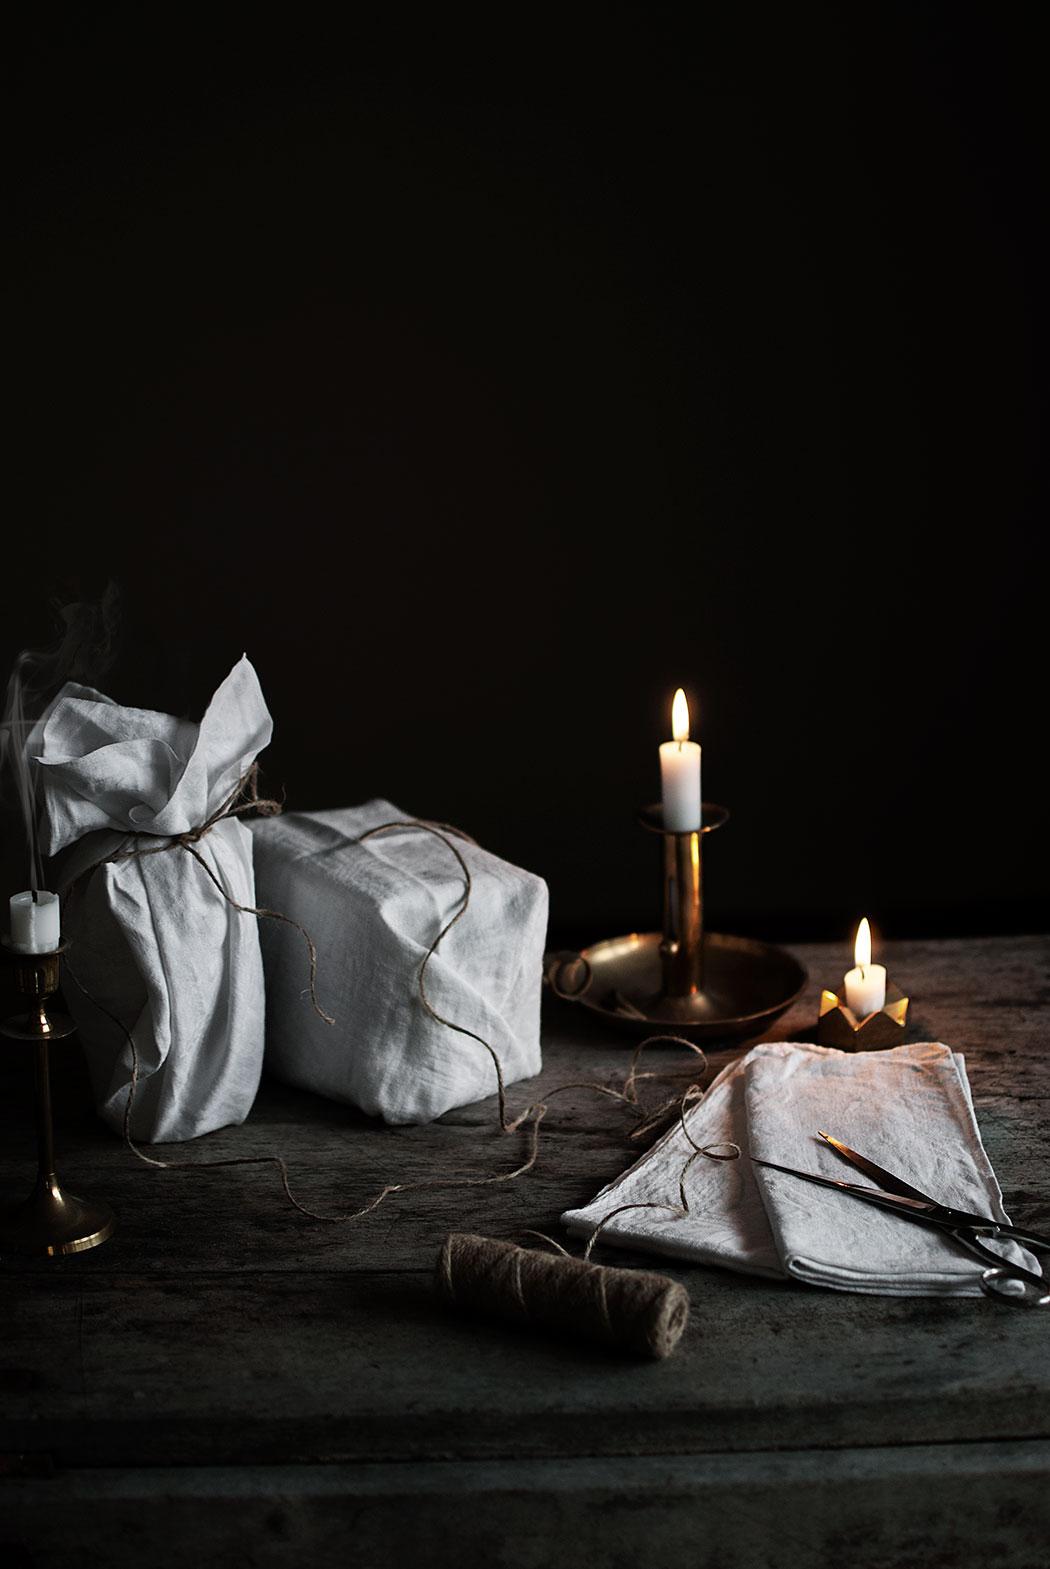 miljötips: hållbar julklappsinslagning I